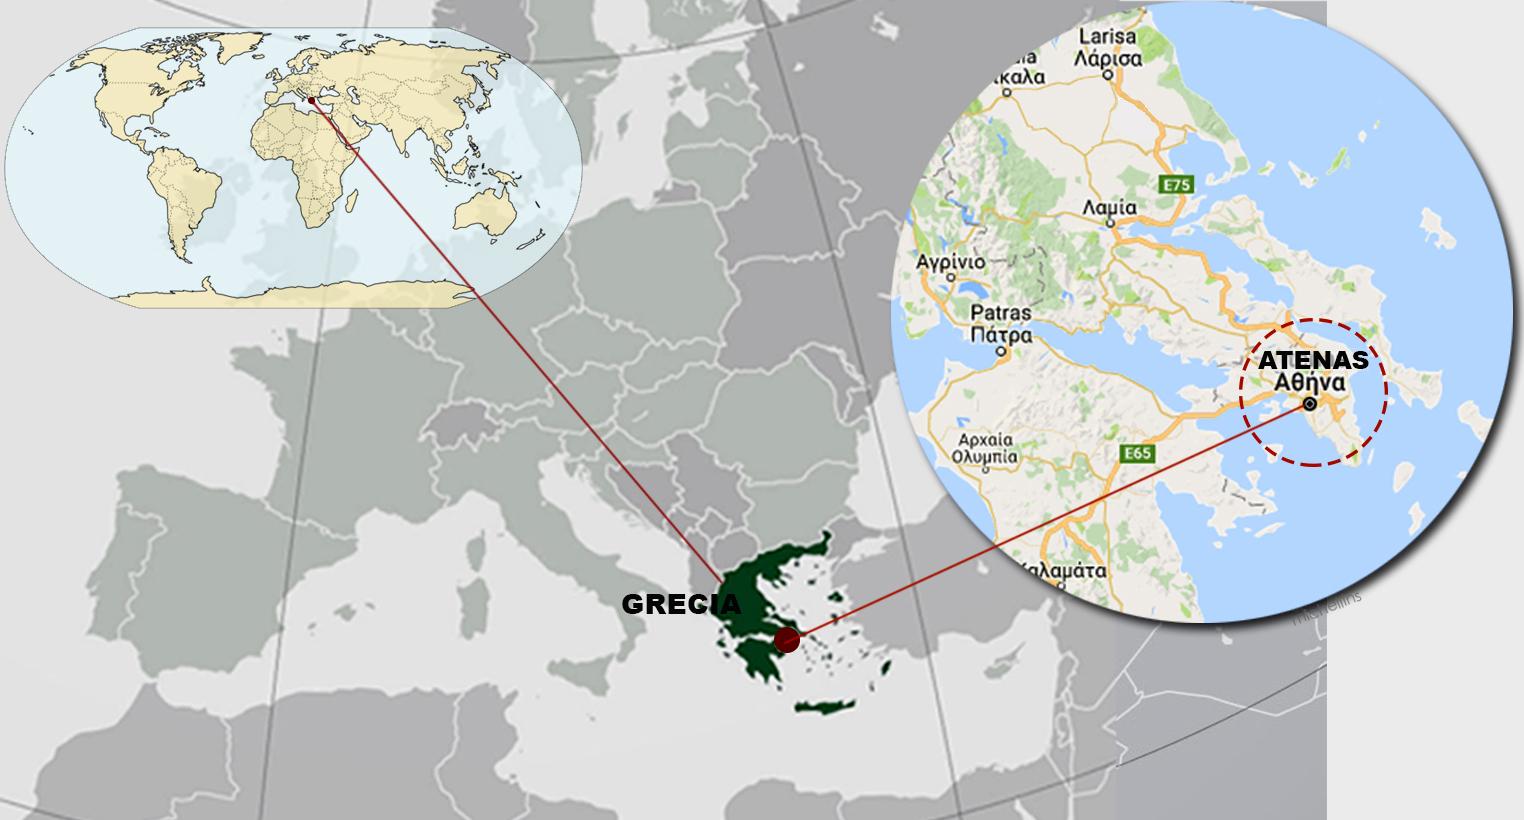 grecia mapa mundo en un maps mundi ubica a grecia y en especifico s atenas   Brainly.lat grecia mapa mundo